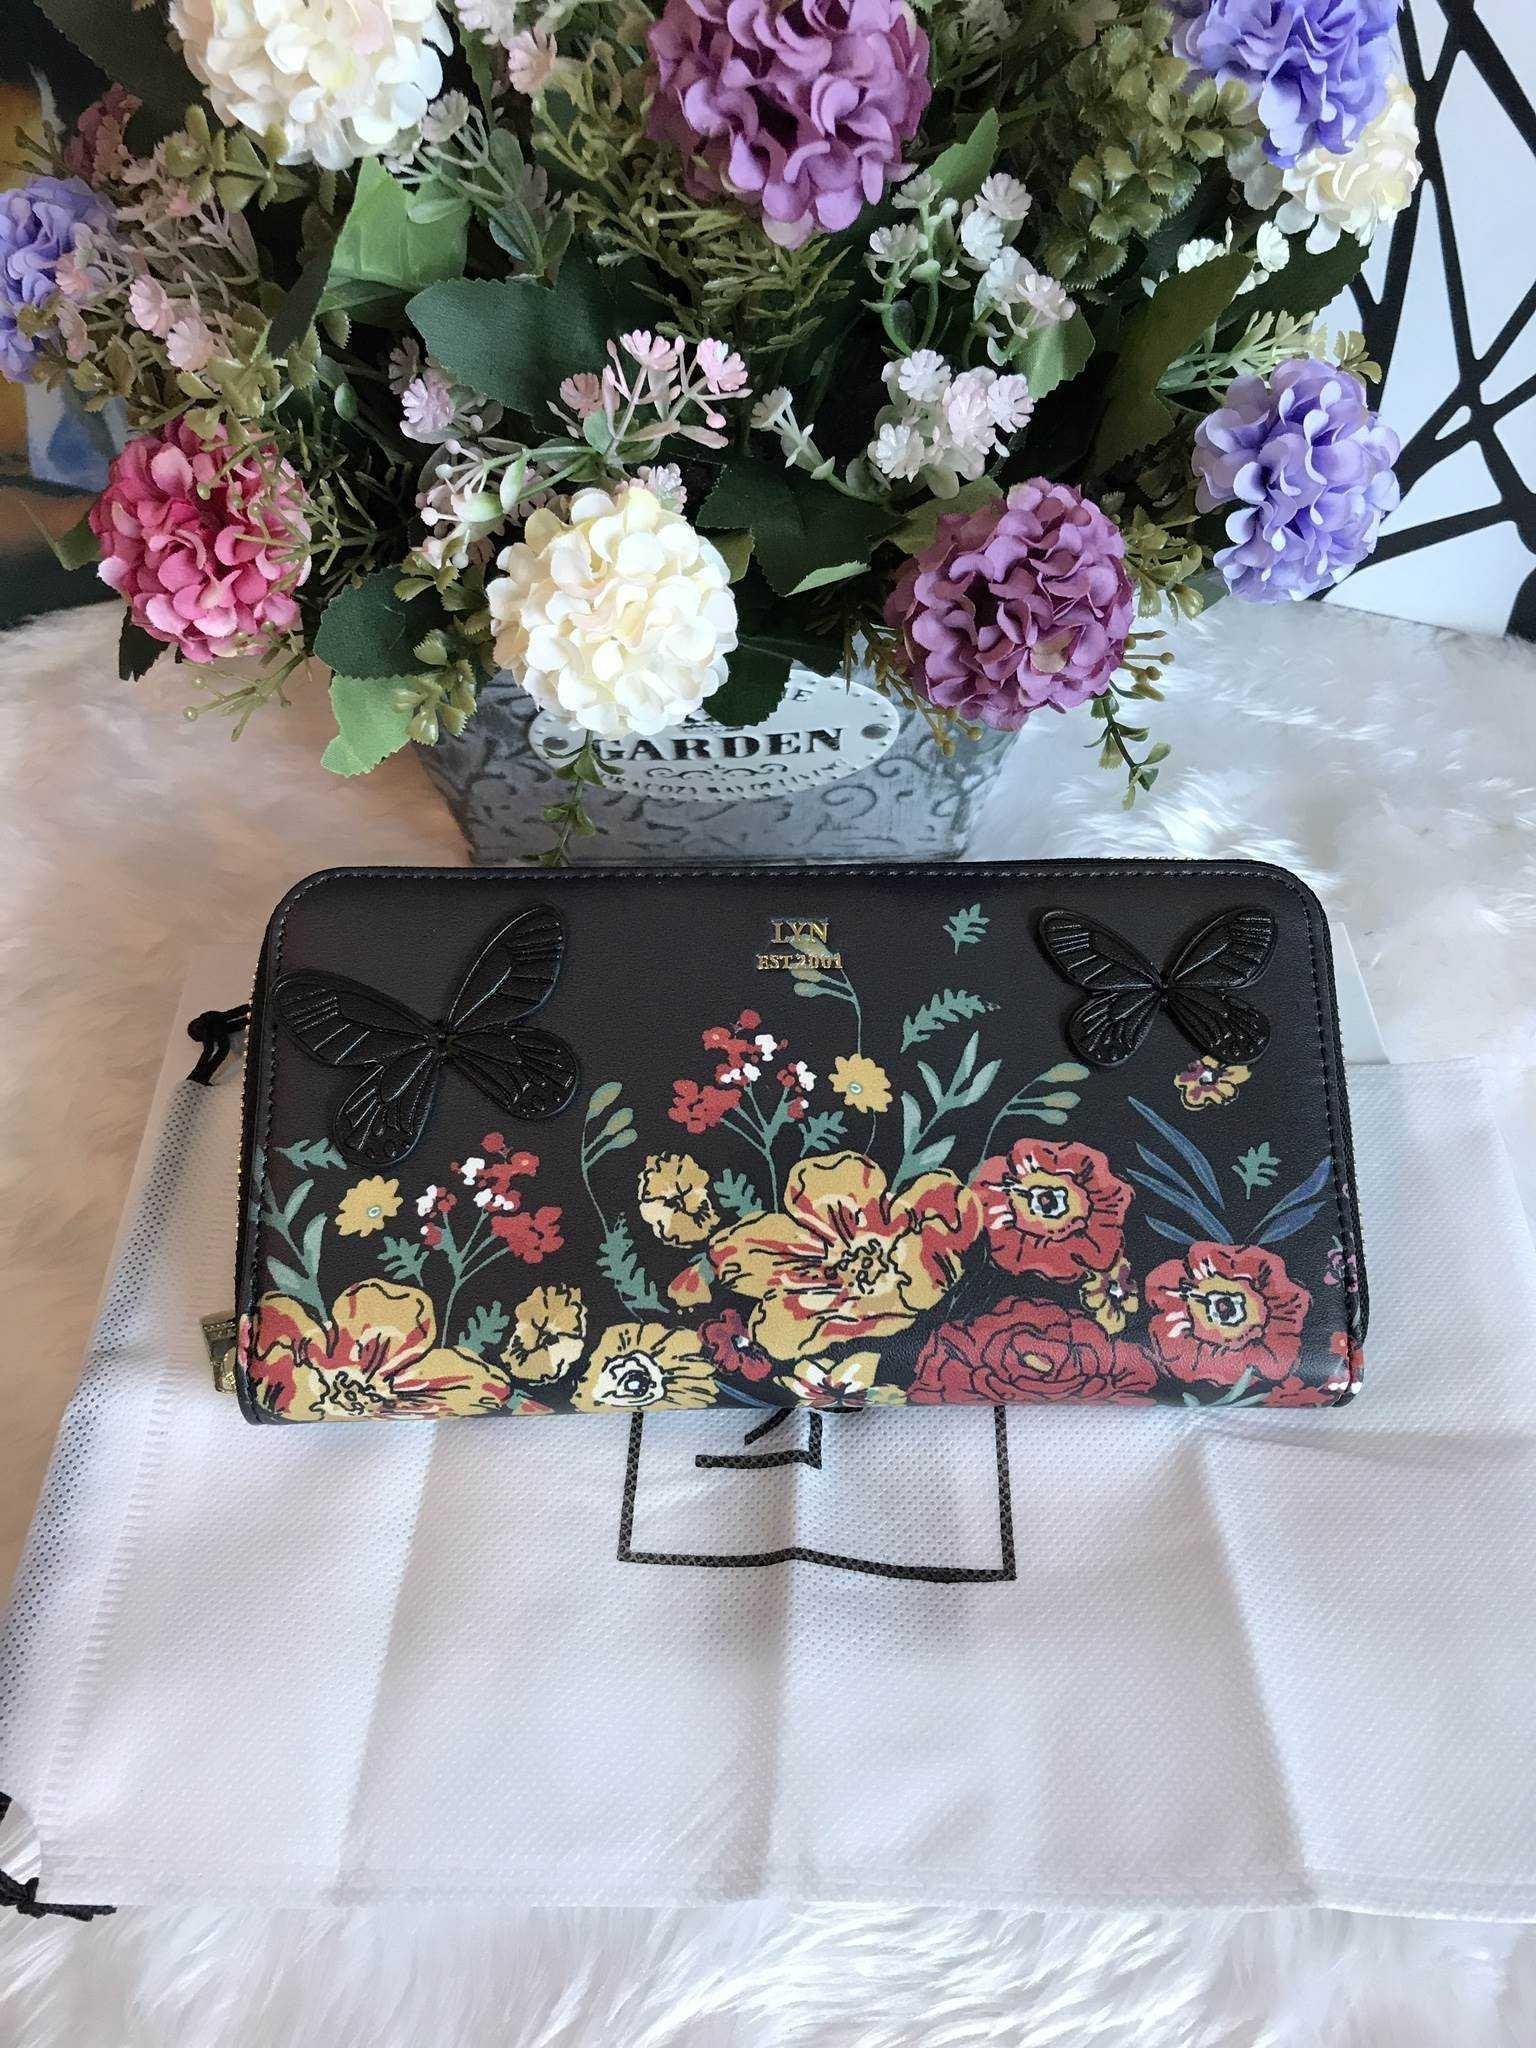 กระเป๋าเงิน ใบยาว ซิปรอบ LYN Clarlynna Long Wallet Bag สีดำ ราคา 1,190 บาท Free Ems